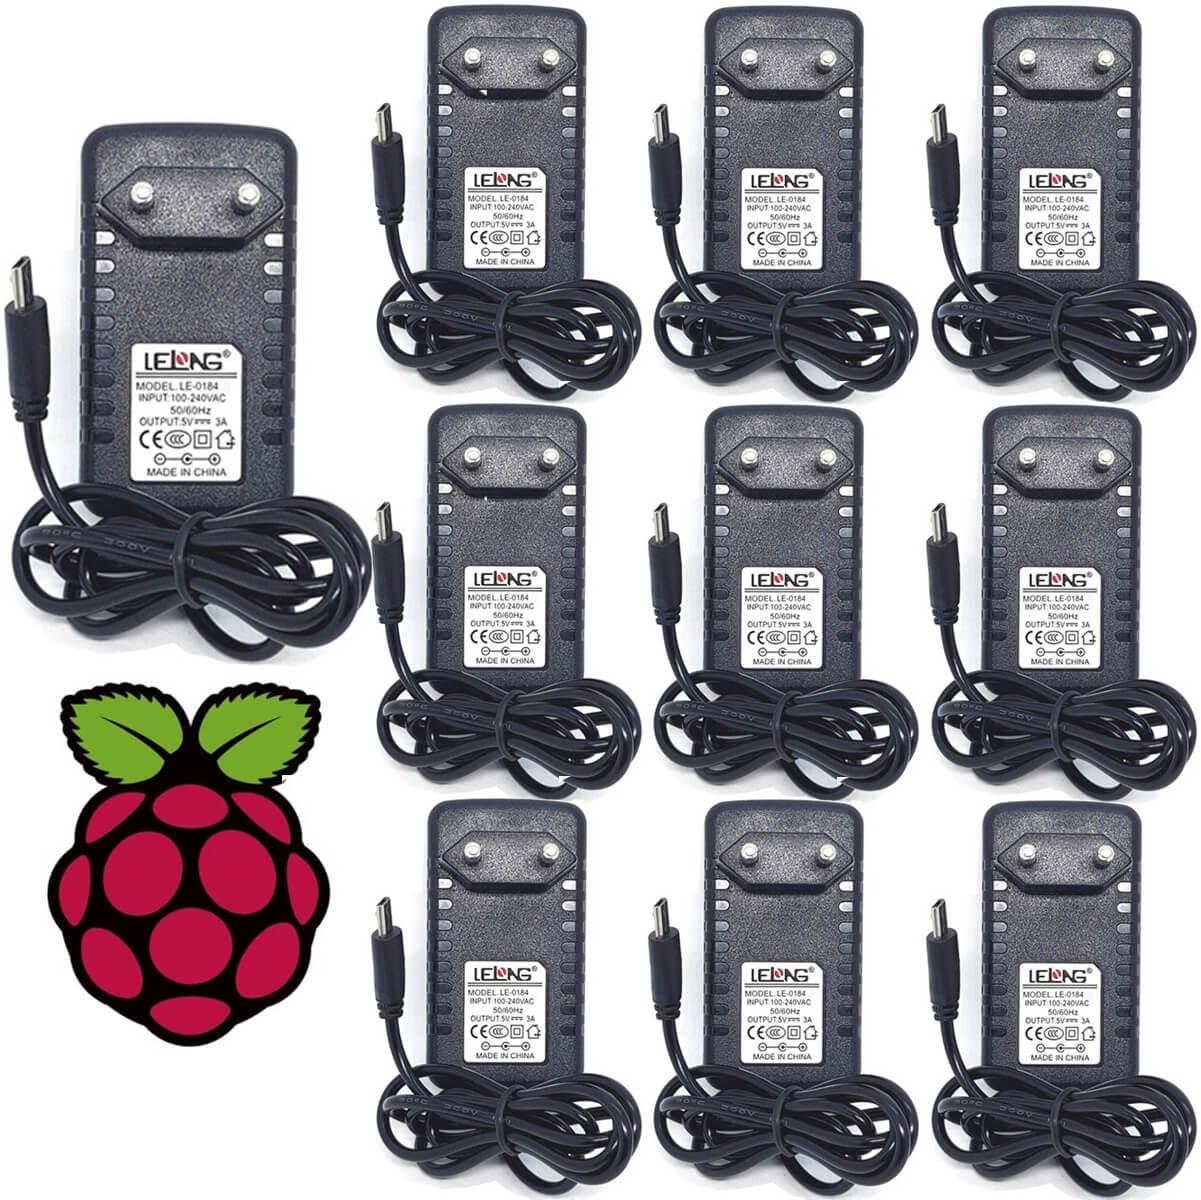 KIT 10 Fontes Chaveada 5v 3a Micro USB Bivolt Lelong LE-0184